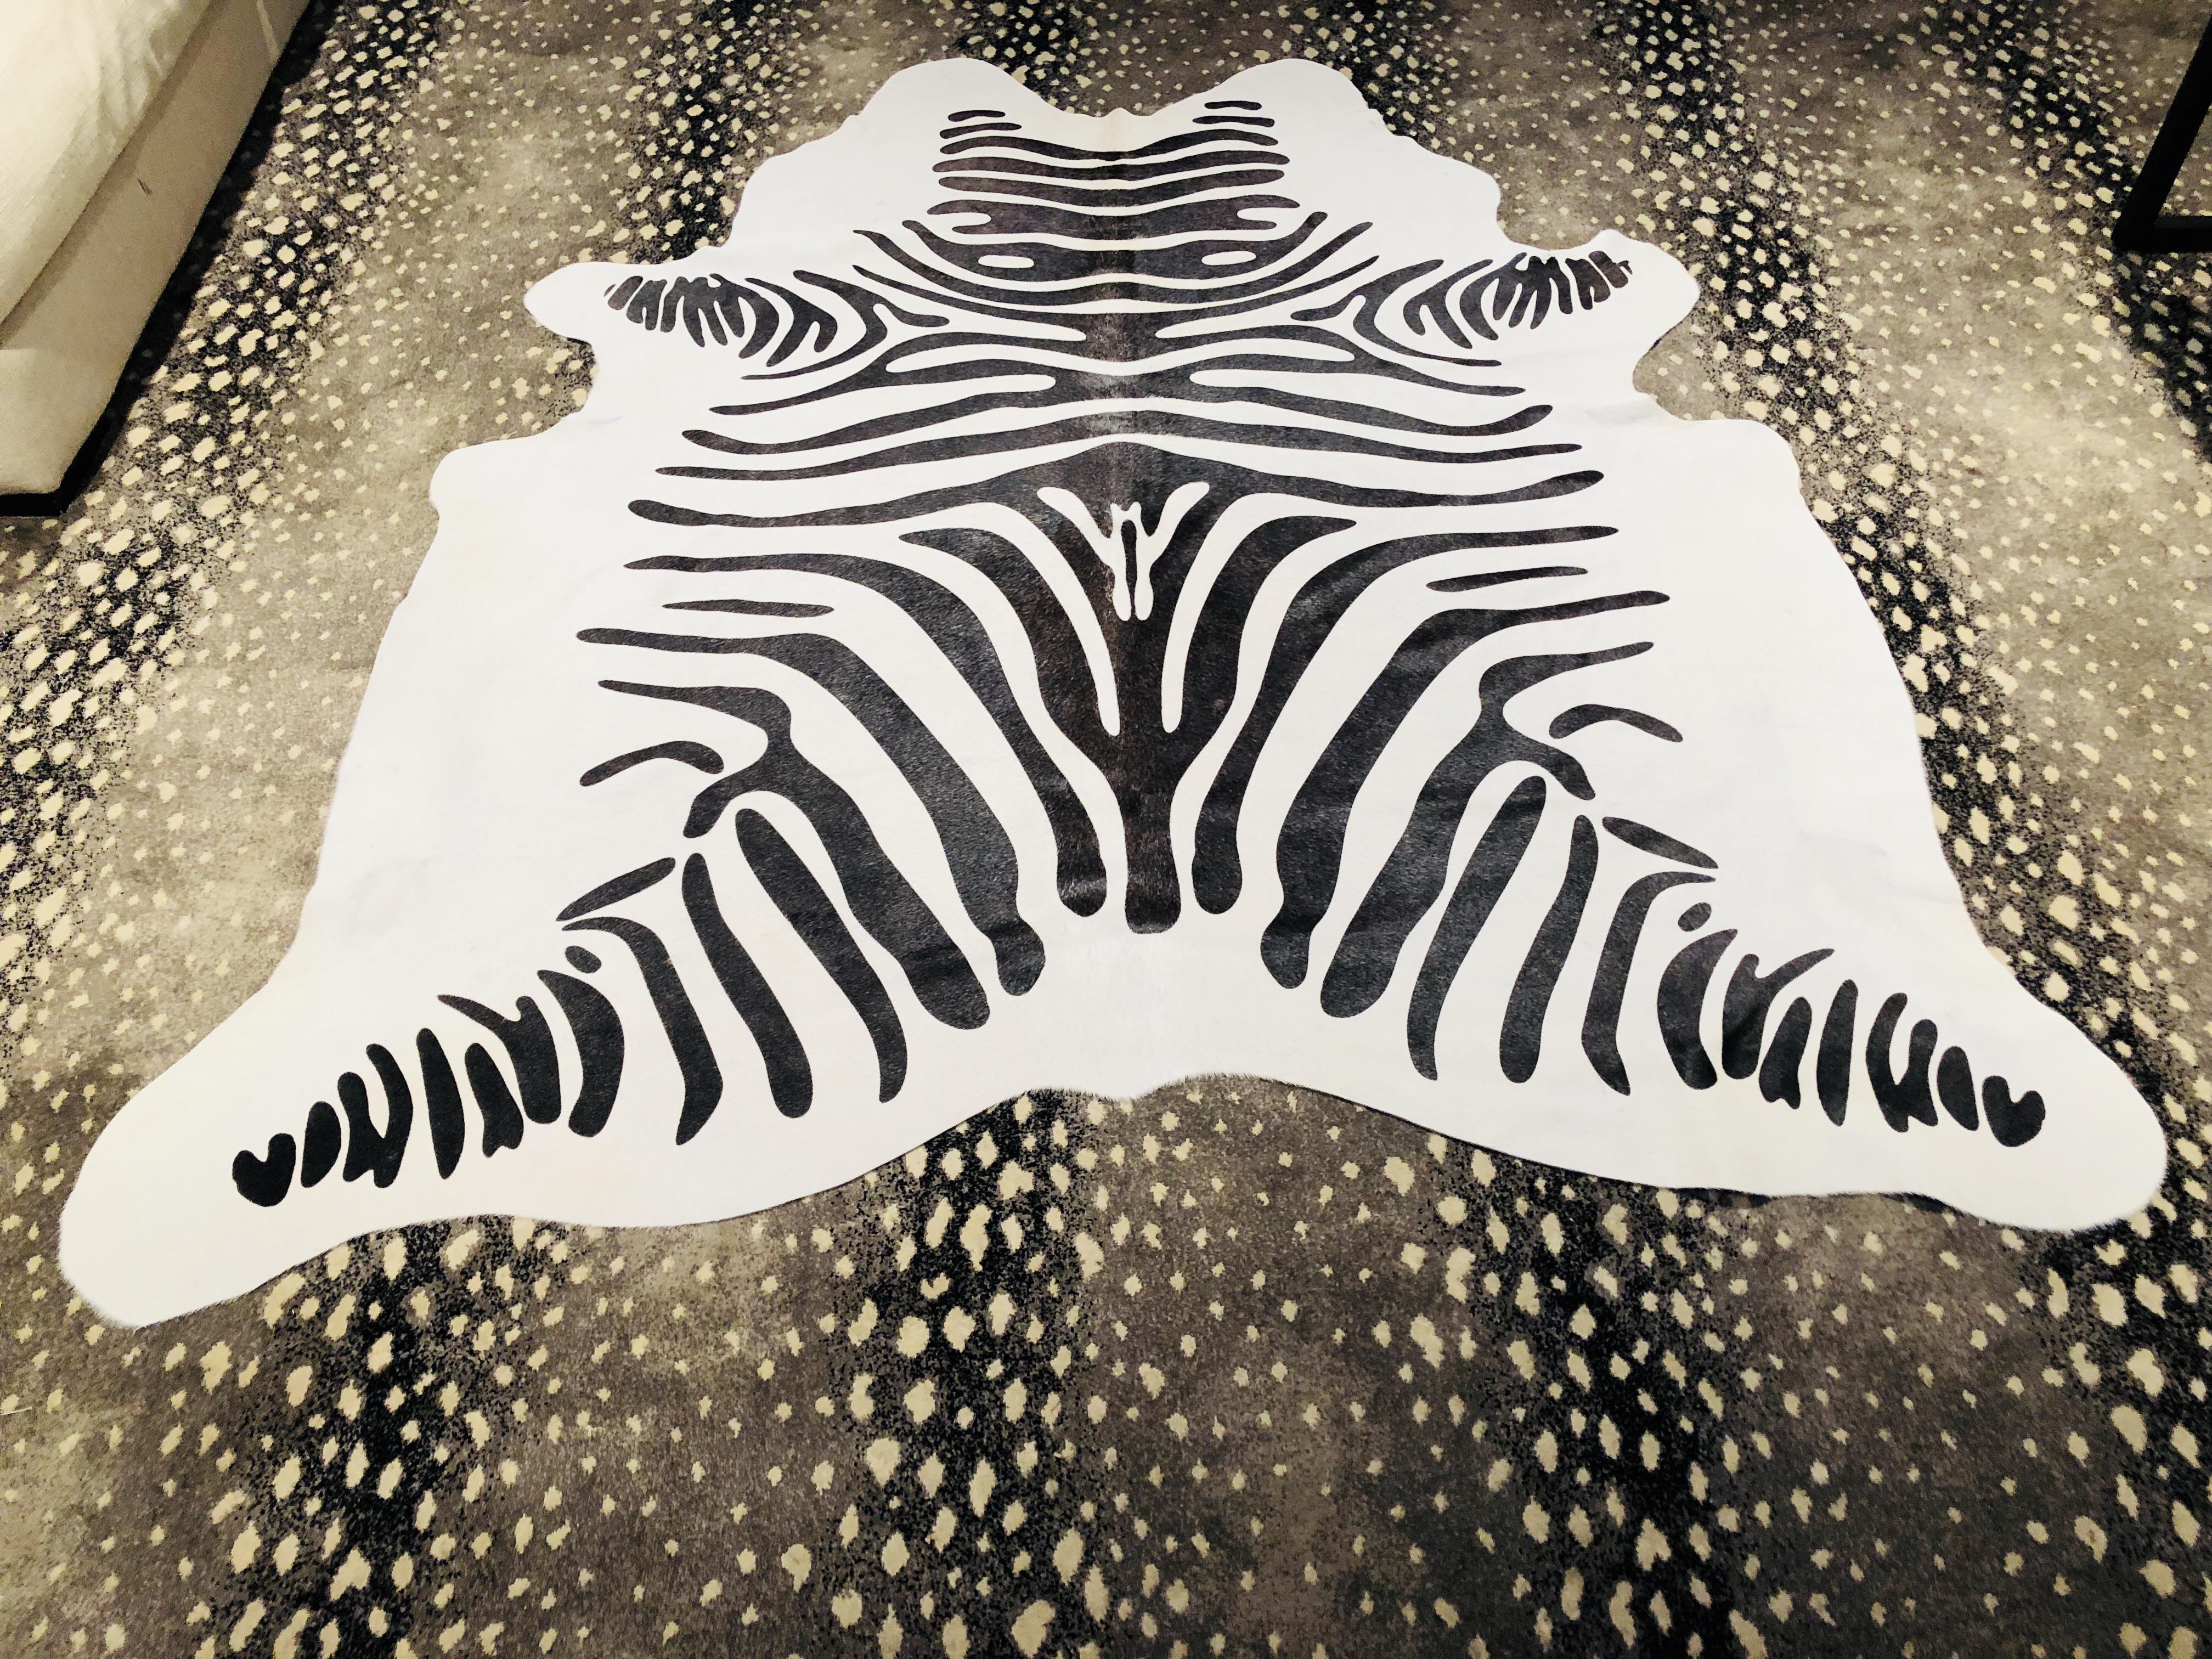 black and white hair on hide zebra rug - 6u0027 x 6u00274 PTKIRWM